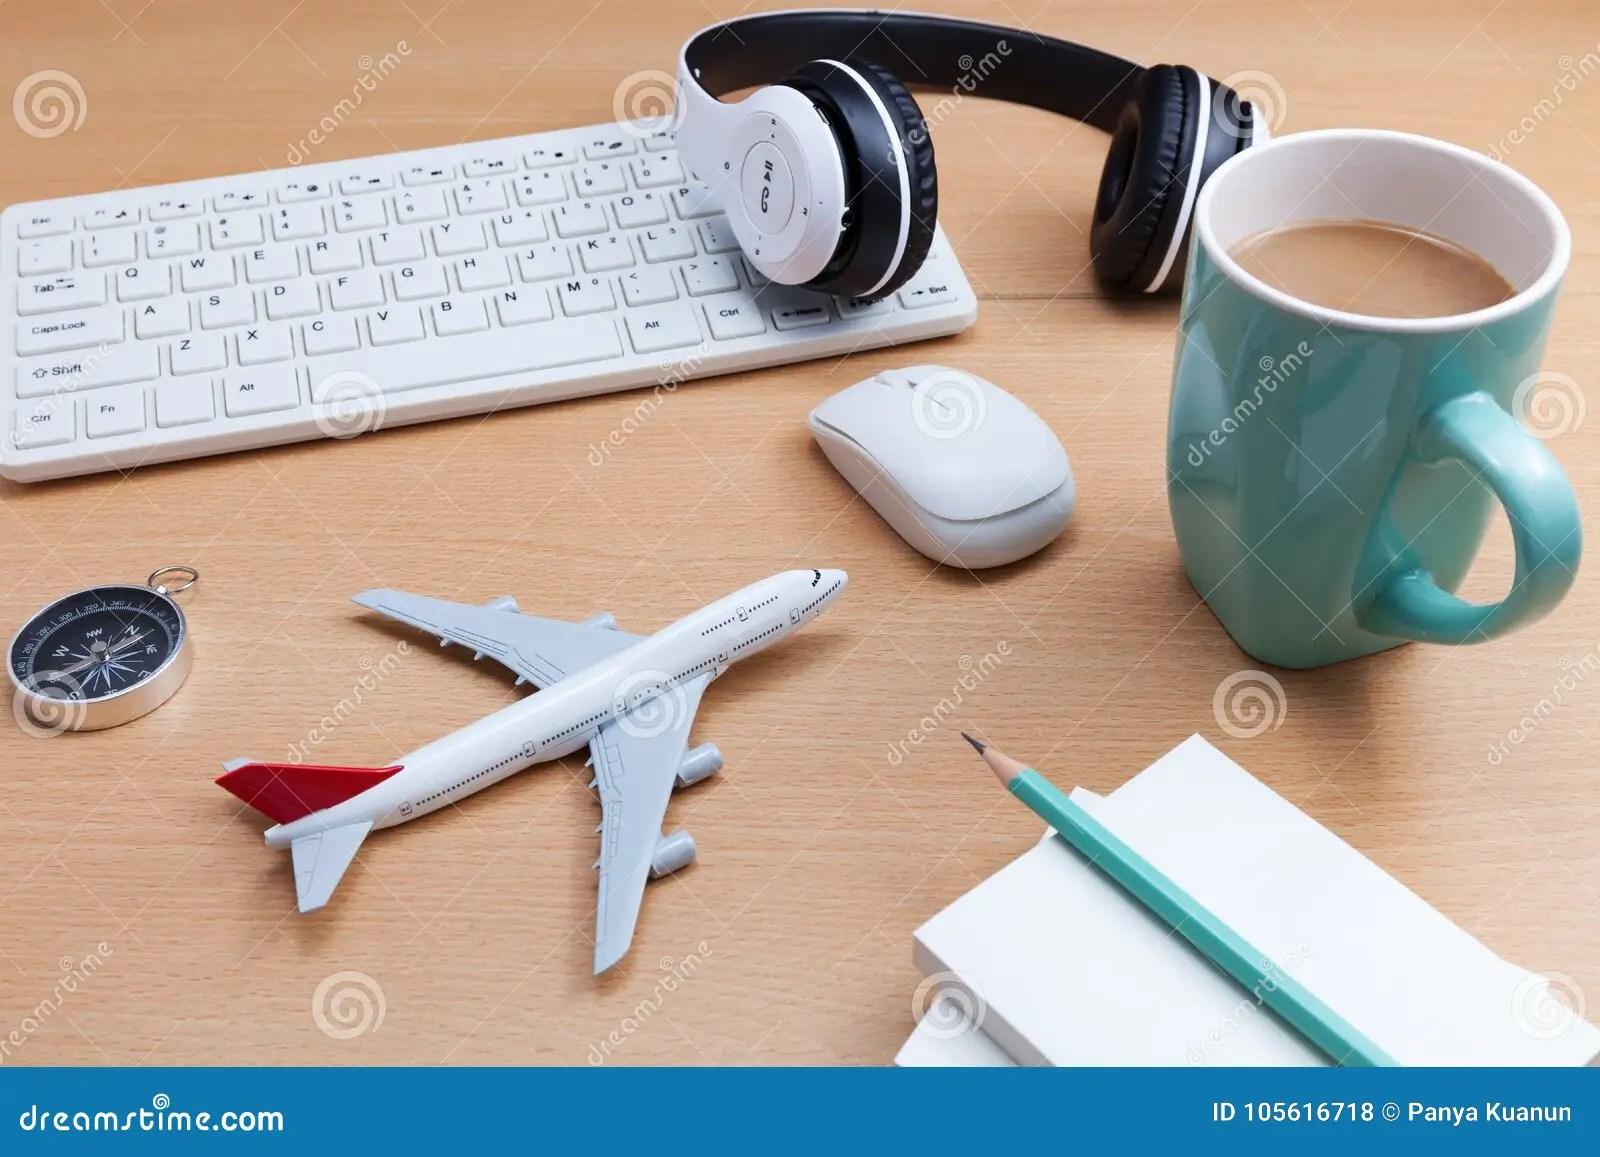 Una lampada da tavolo, un fermacarte e un penna stilografica elegantemente posata accanto all. Oggetti Business Sulla Scrivania Con Il Modello Dell Aeroplano Tra Di Affari Fotografia Stock Immagine Di Giornale Aeroplano 105616718